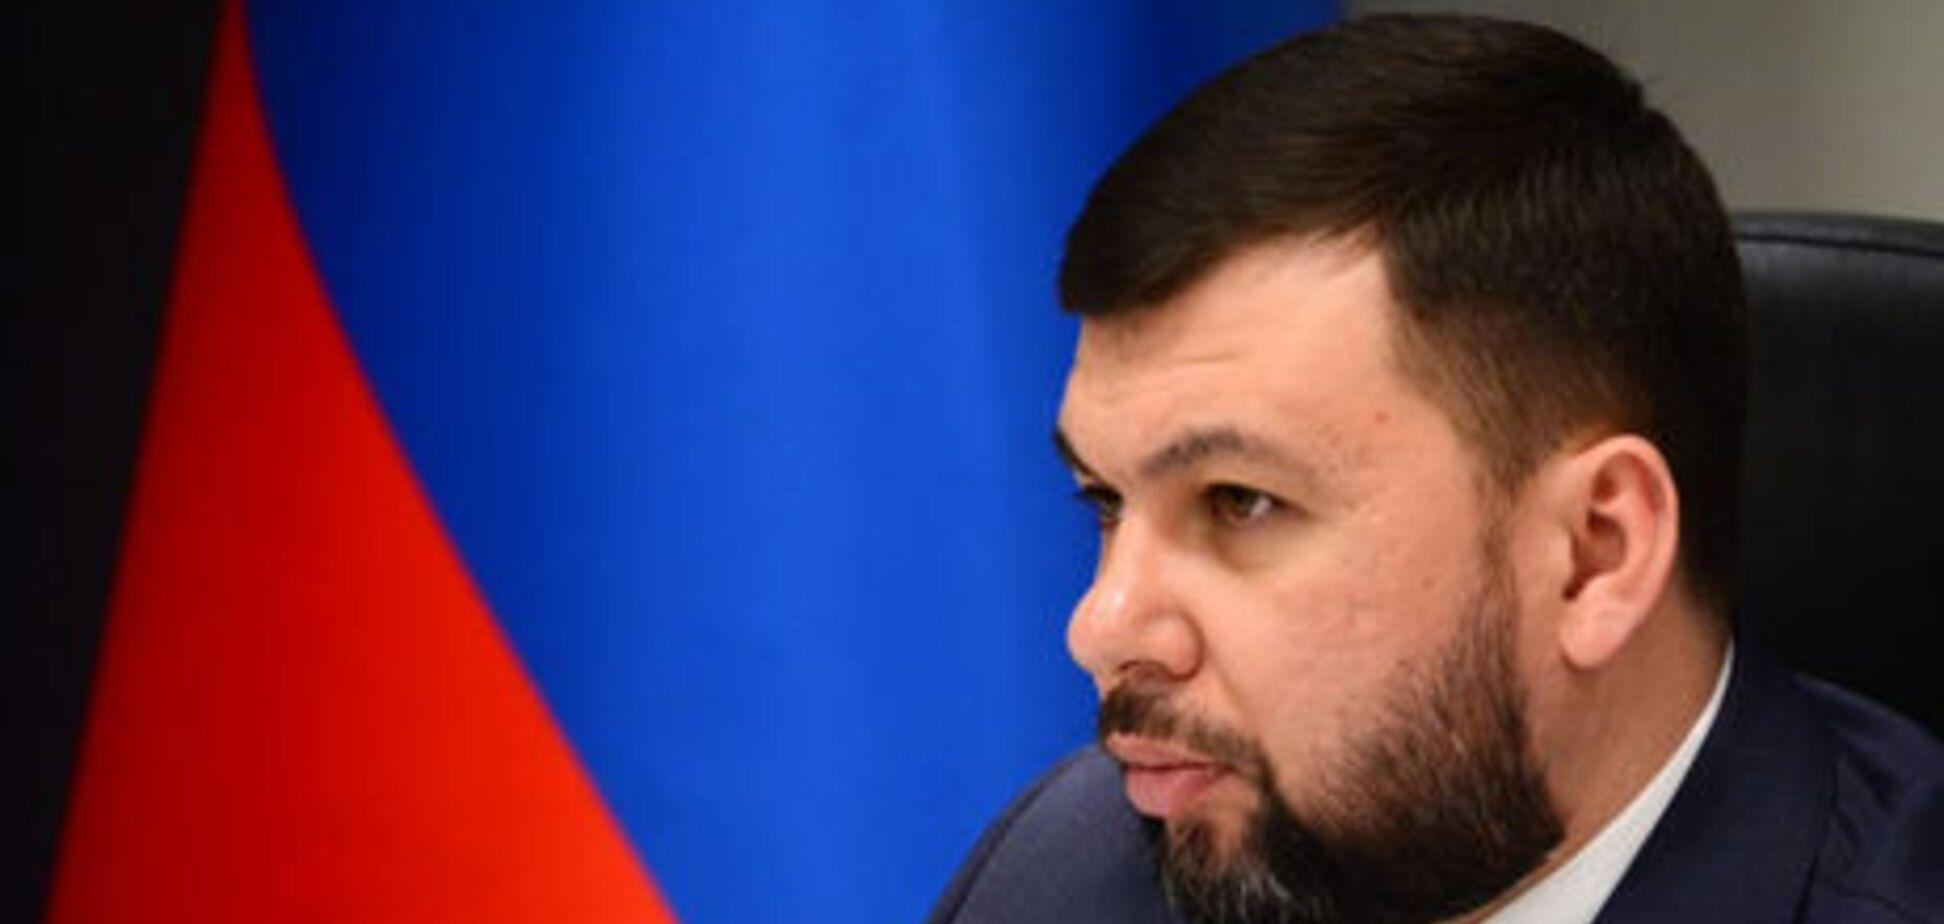 Главарь 'ДНР' внезапно открестился от России и сделал заявление